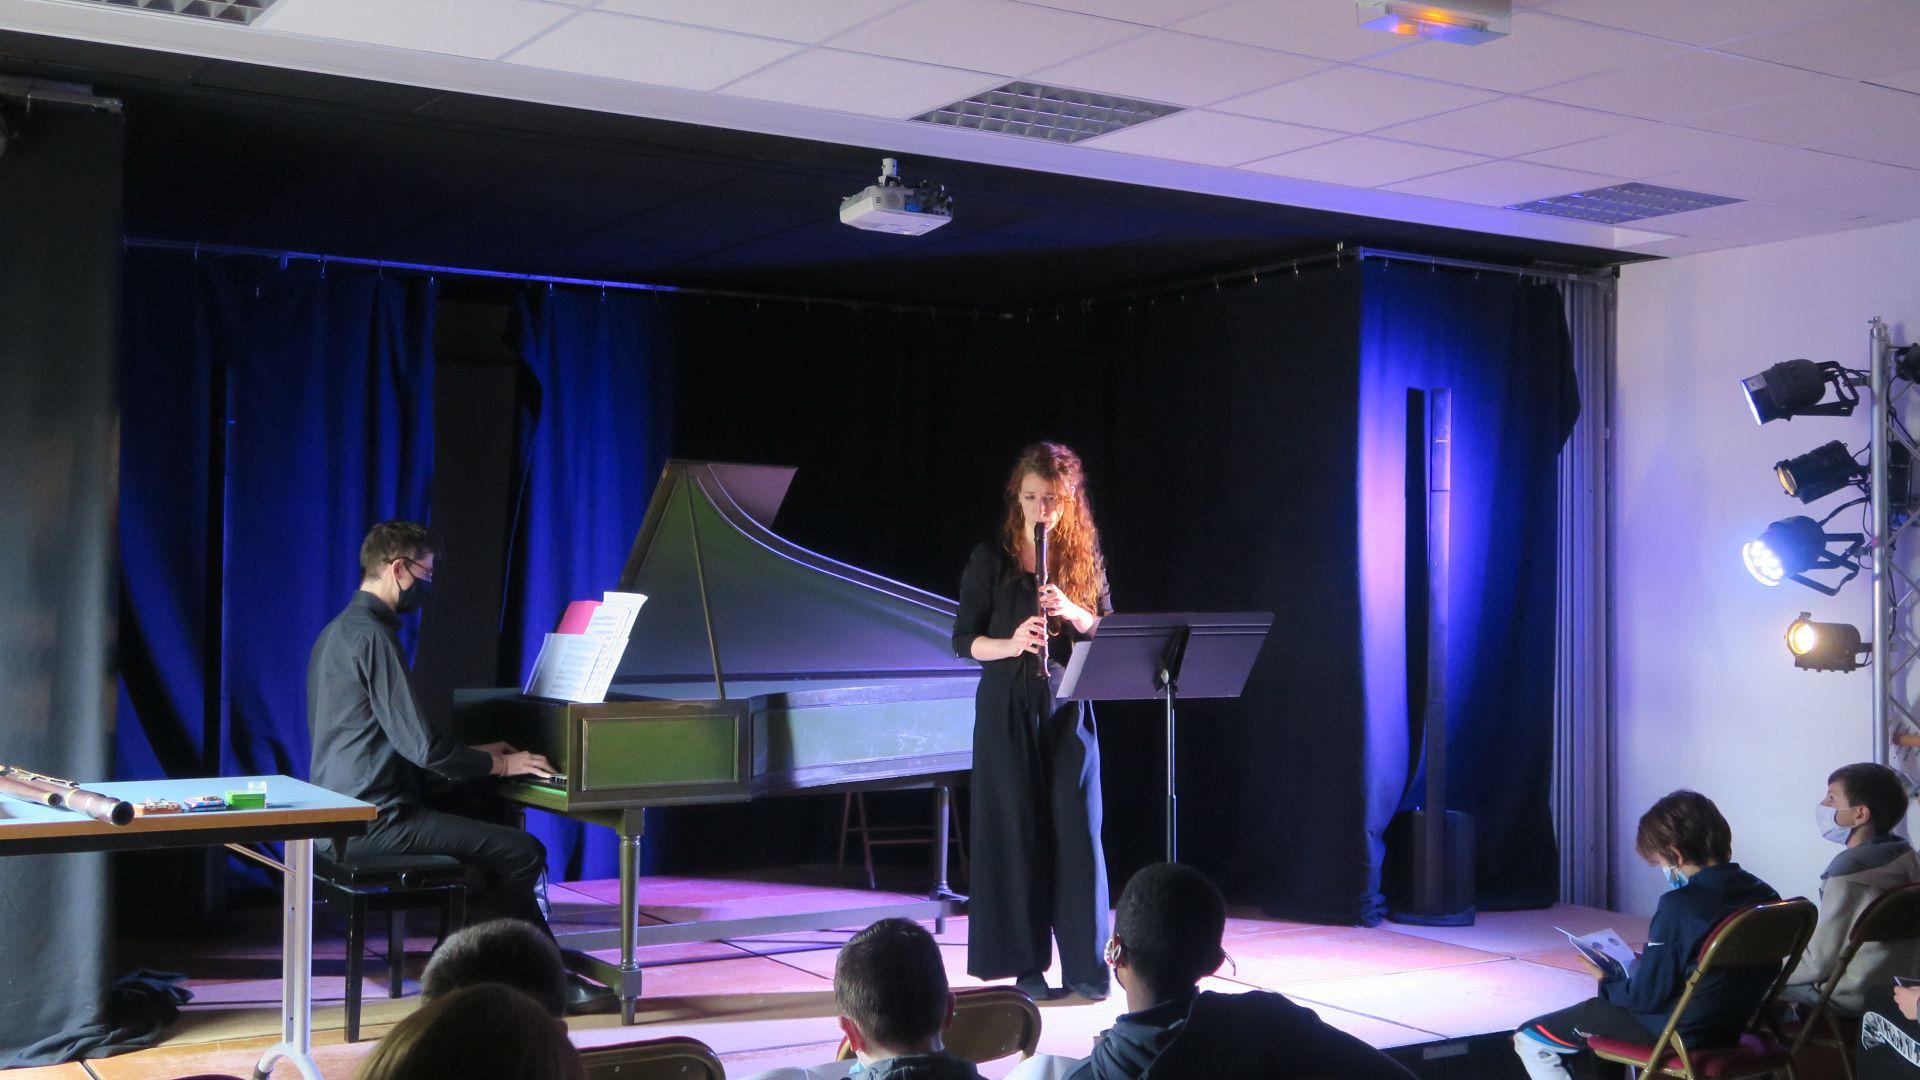 Flûte alors ! : résidence de Lucile Tessier, du 1er au 5 mars à Maule (collège de la Mauldre)